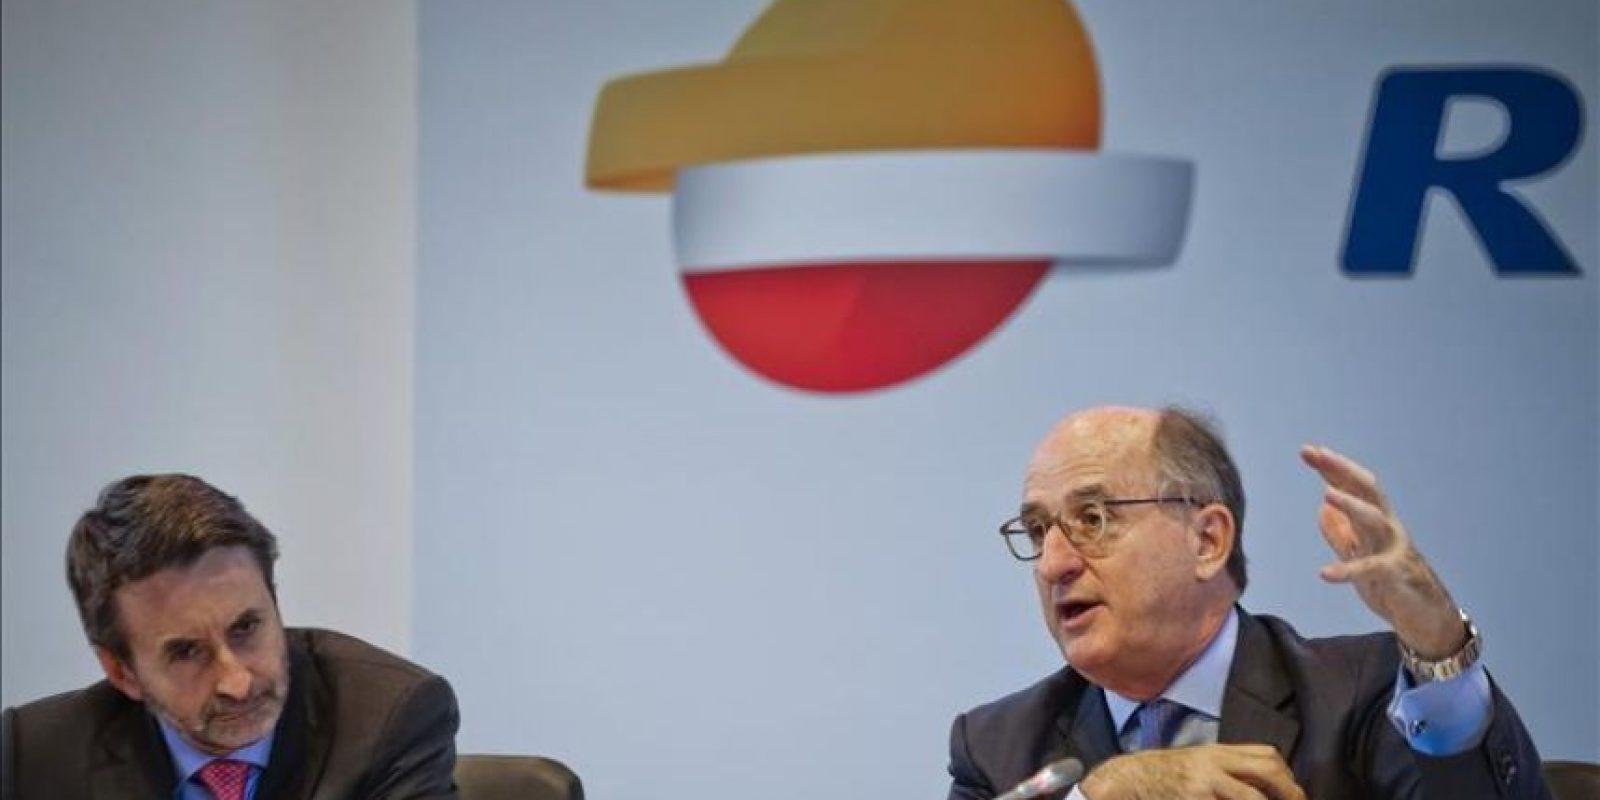 El presidente de Repsol, Antonio Brufau (d) y el consejero delegado, Josu Jon Imaz, durante la rueda de prensa que ofrecieron hoy en Madrid para explicar los detalles de la oferta pública de aquisición de acciones amistosa que lanzará sobre el cien cien por cien de la petrolera canadiense Talisman. EFE